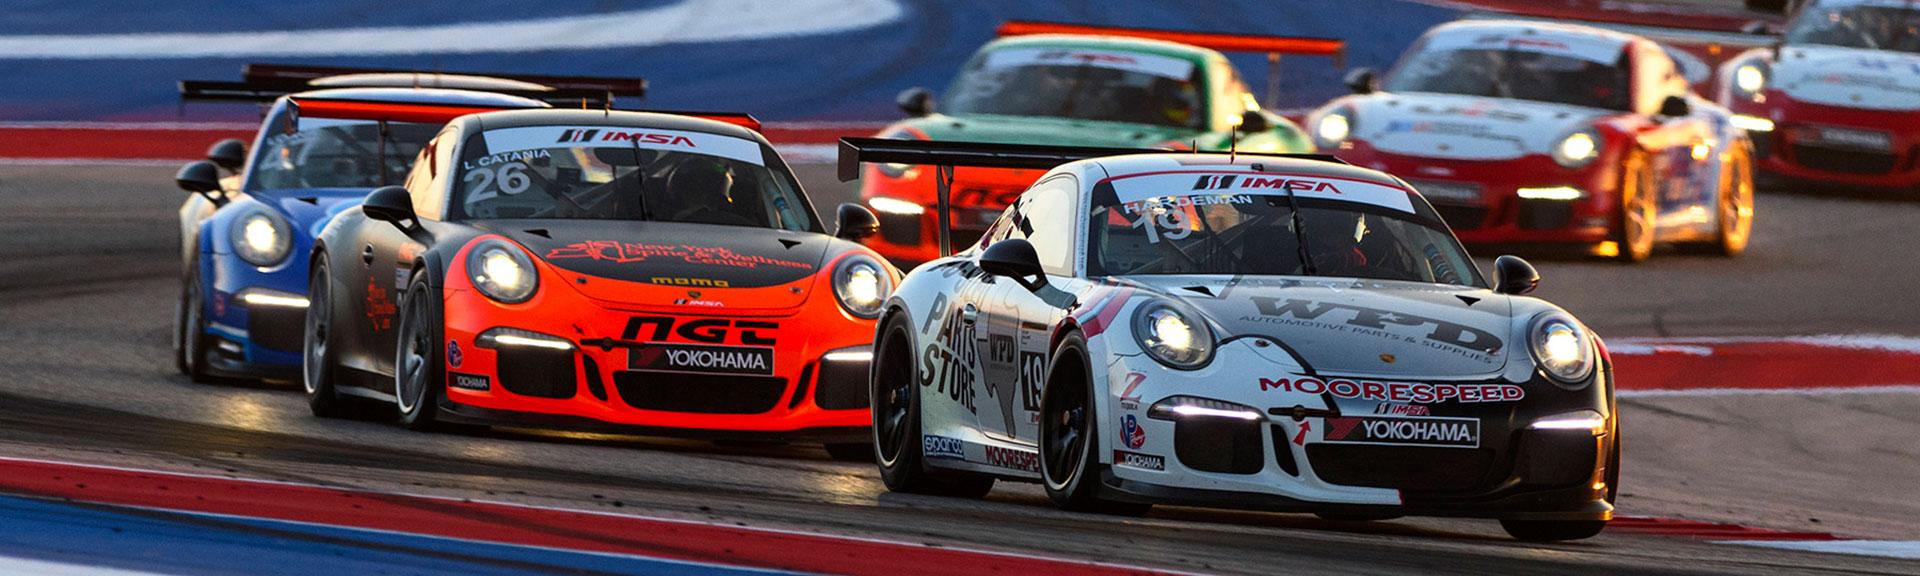 Porsche GT3 Cup Racing